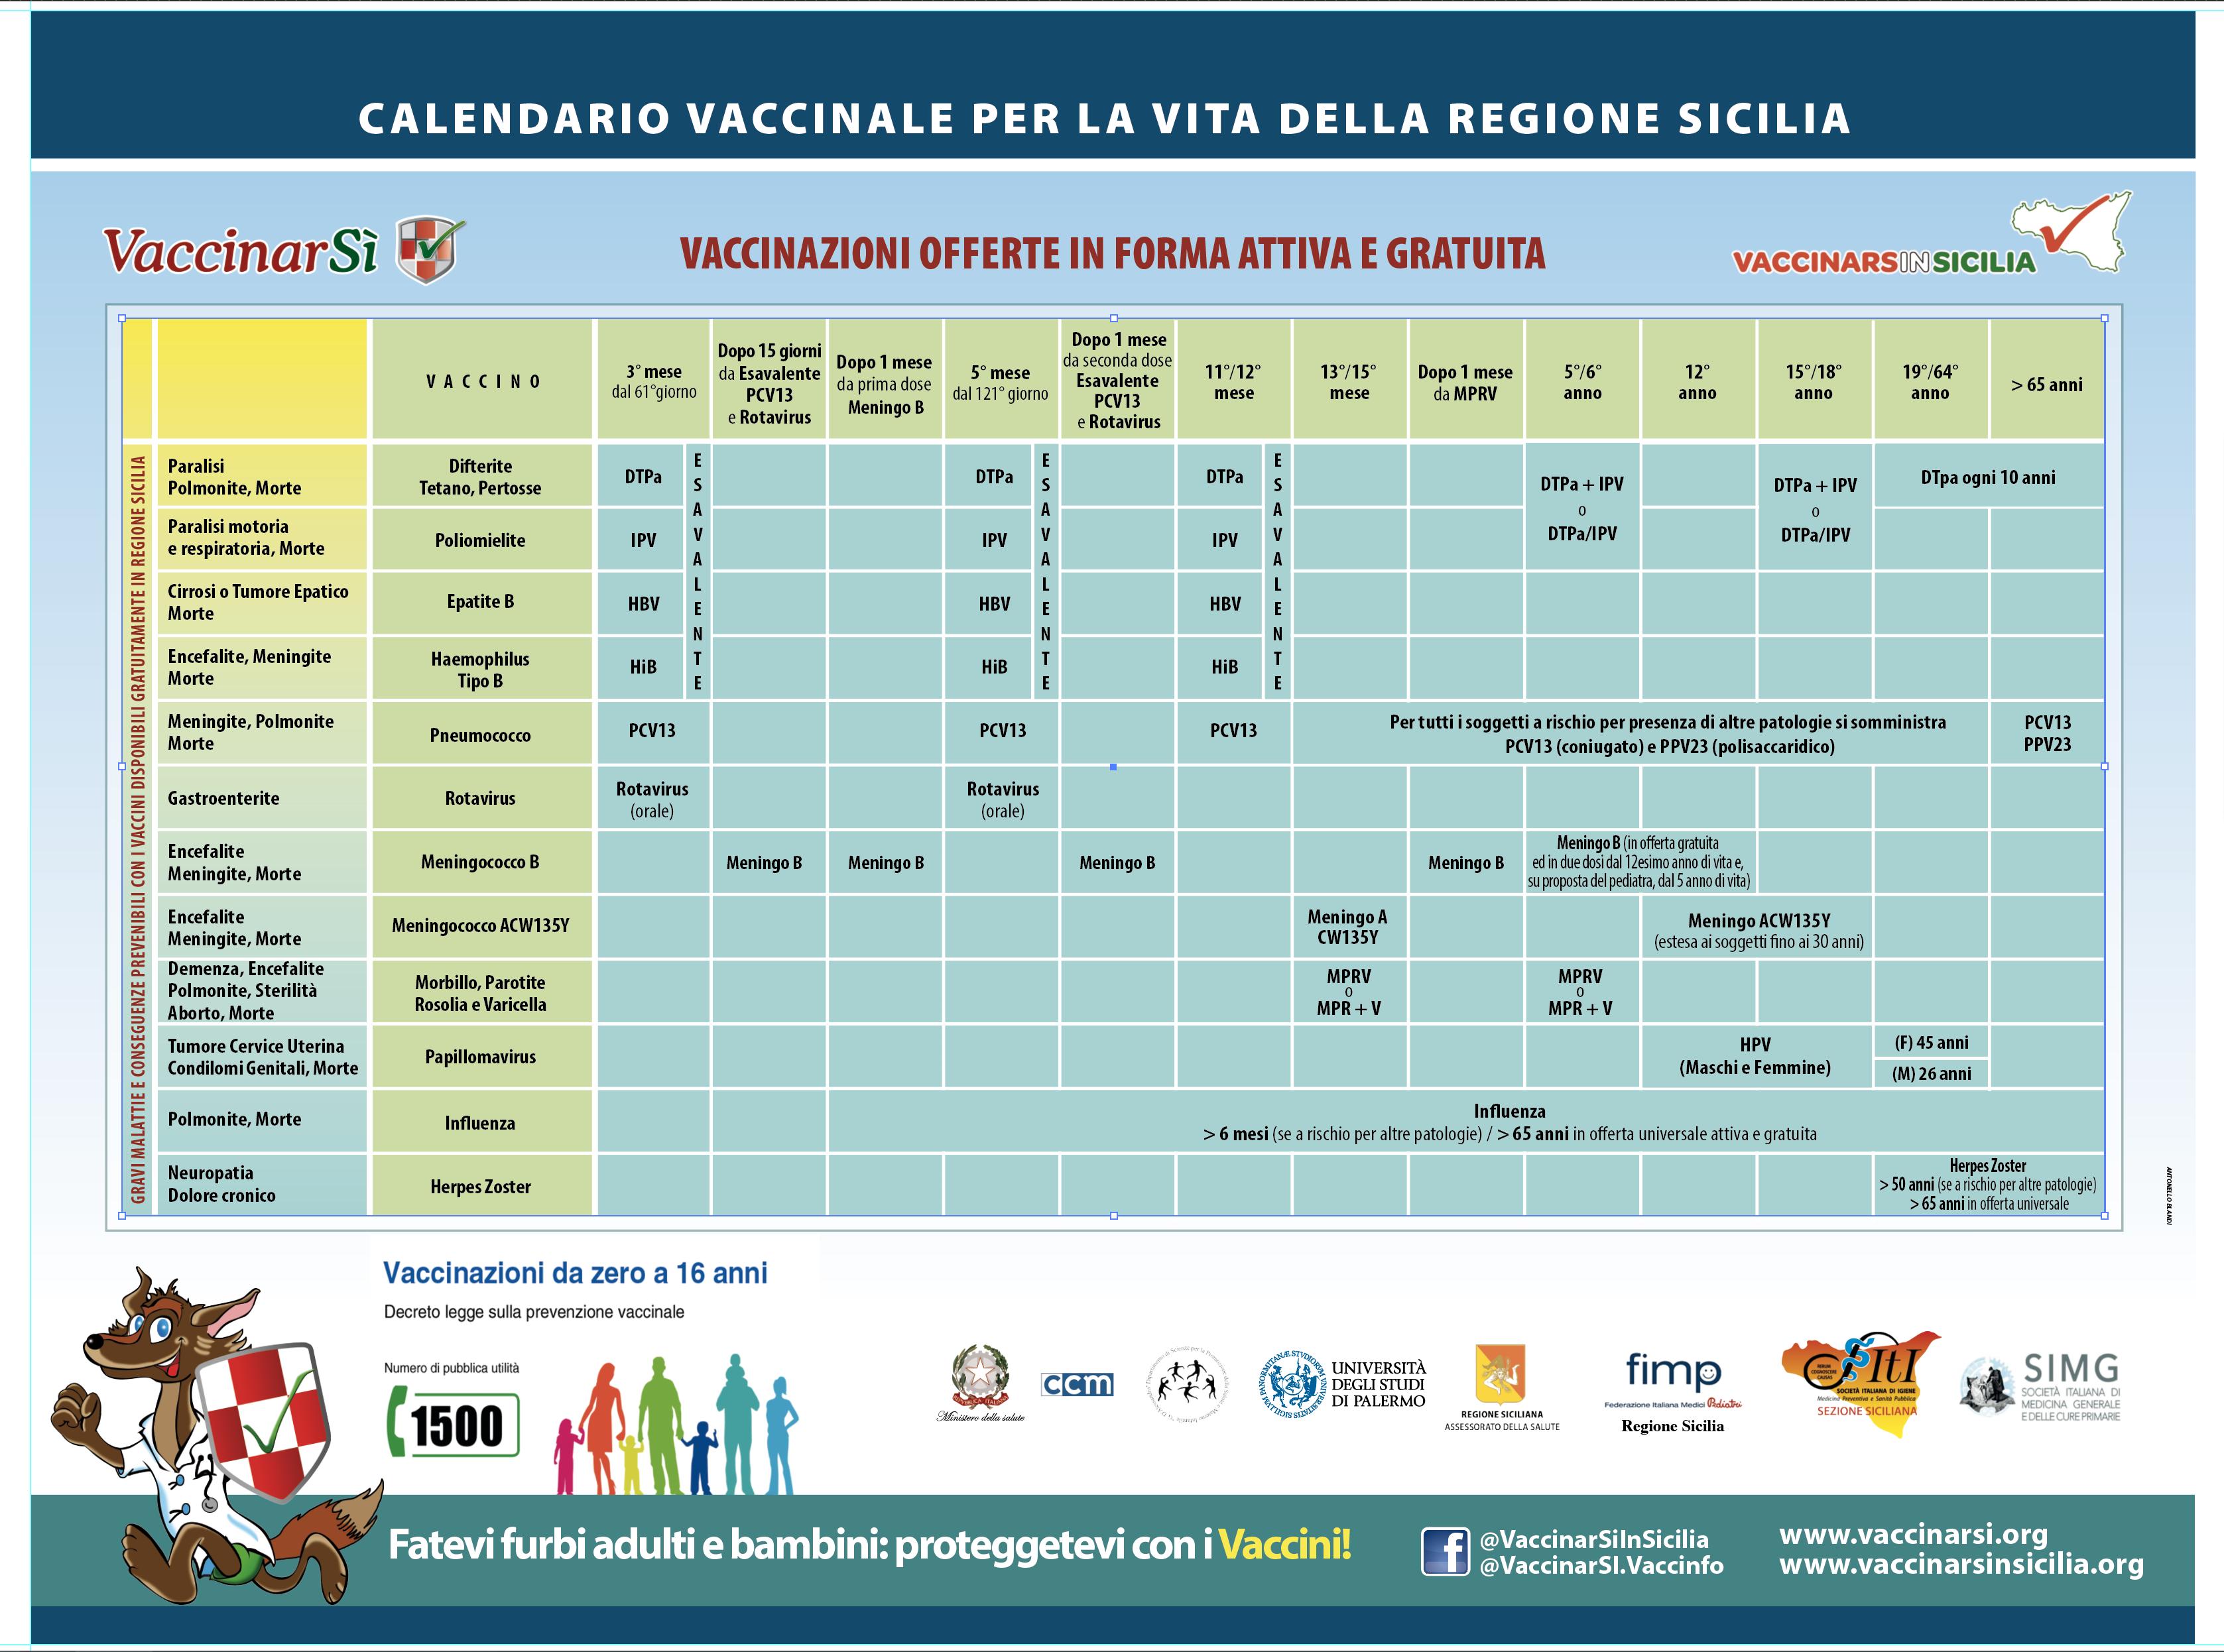 vaccino papilloma virus palermo)